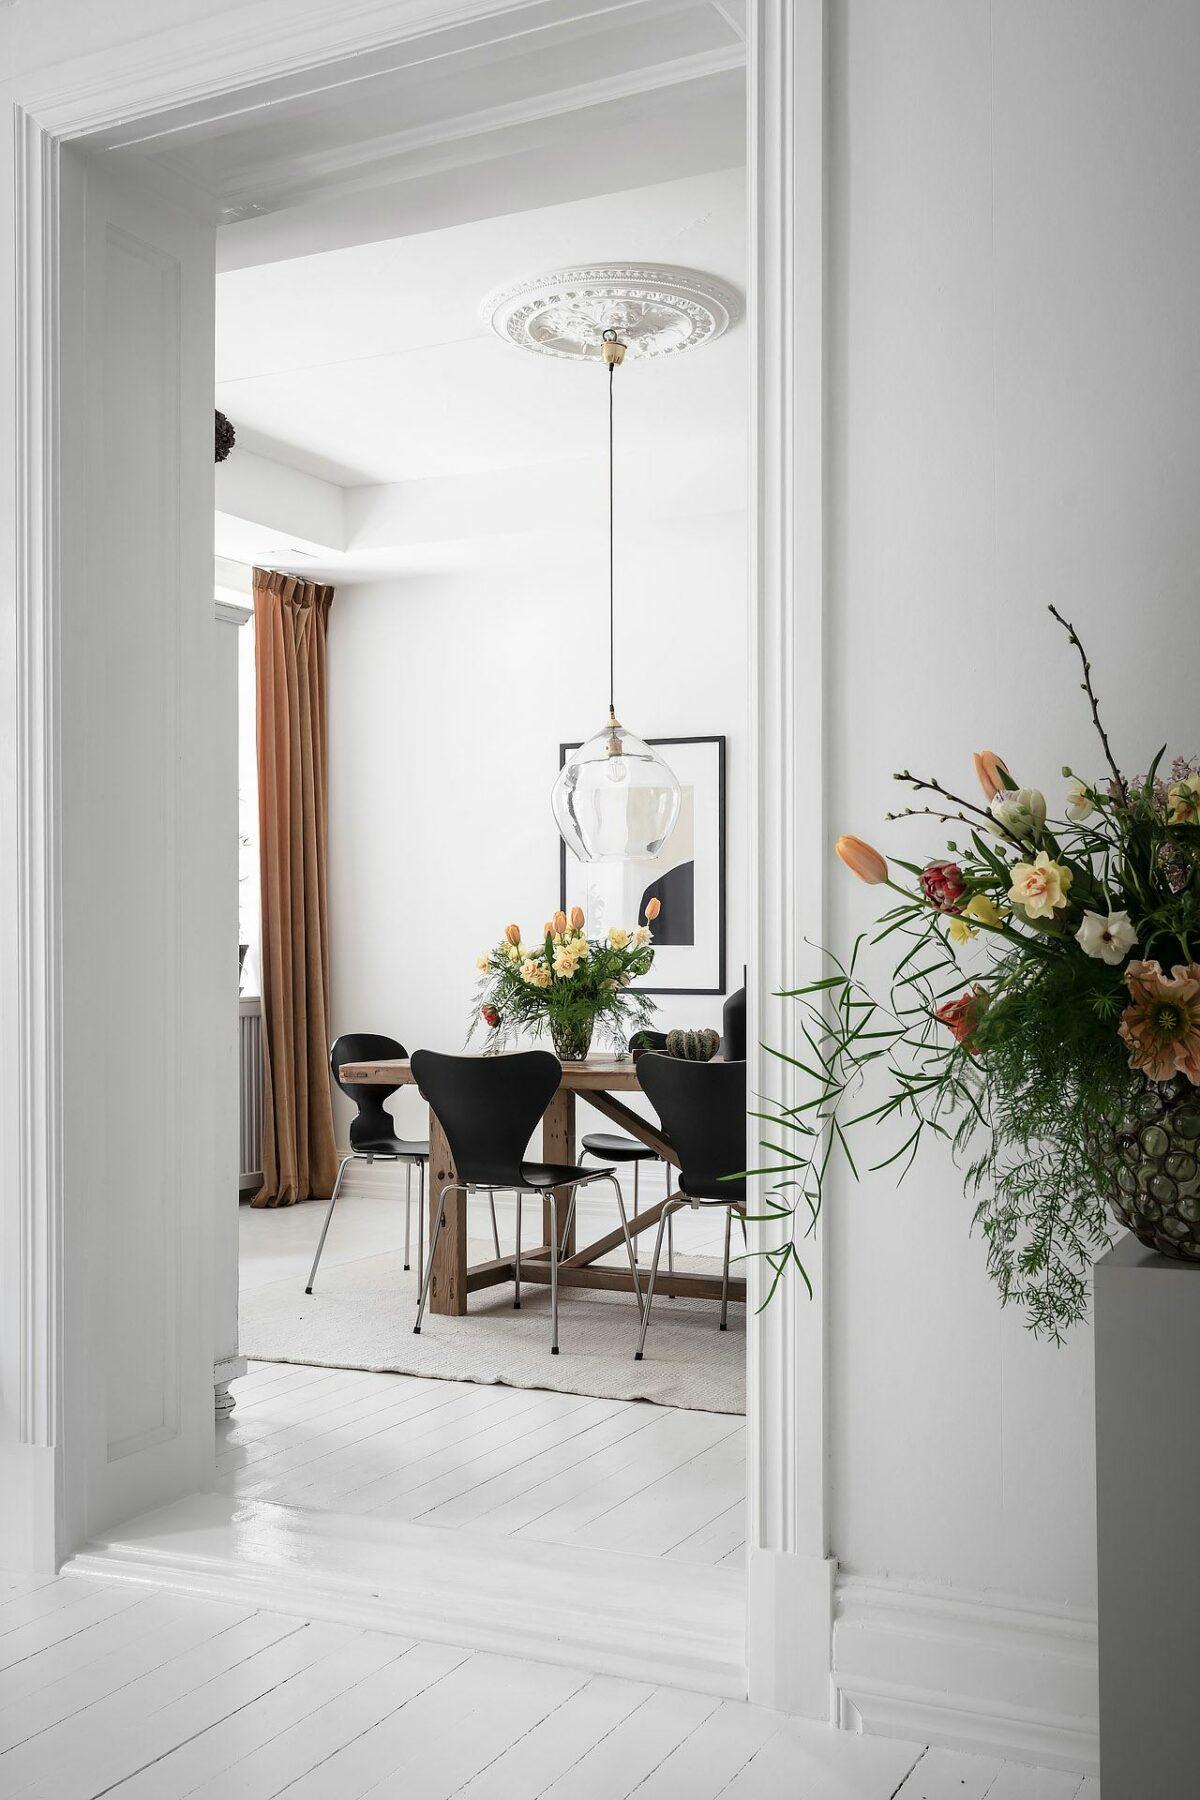 déco salon blanc moulure chaise ant noire Arne Jacobsen design danois